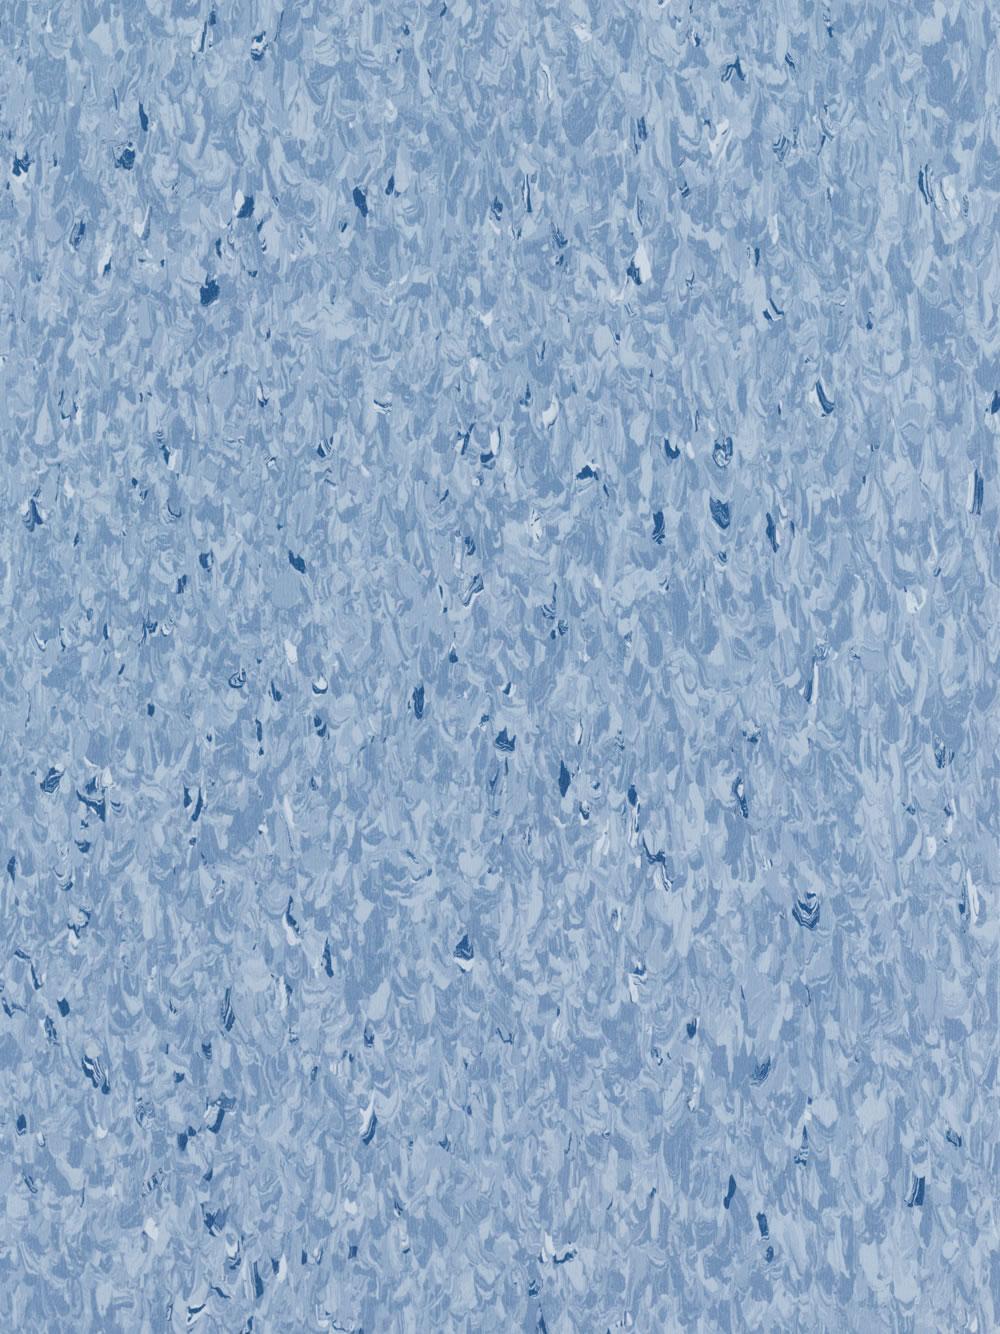 iq-granit-th_3040777_001